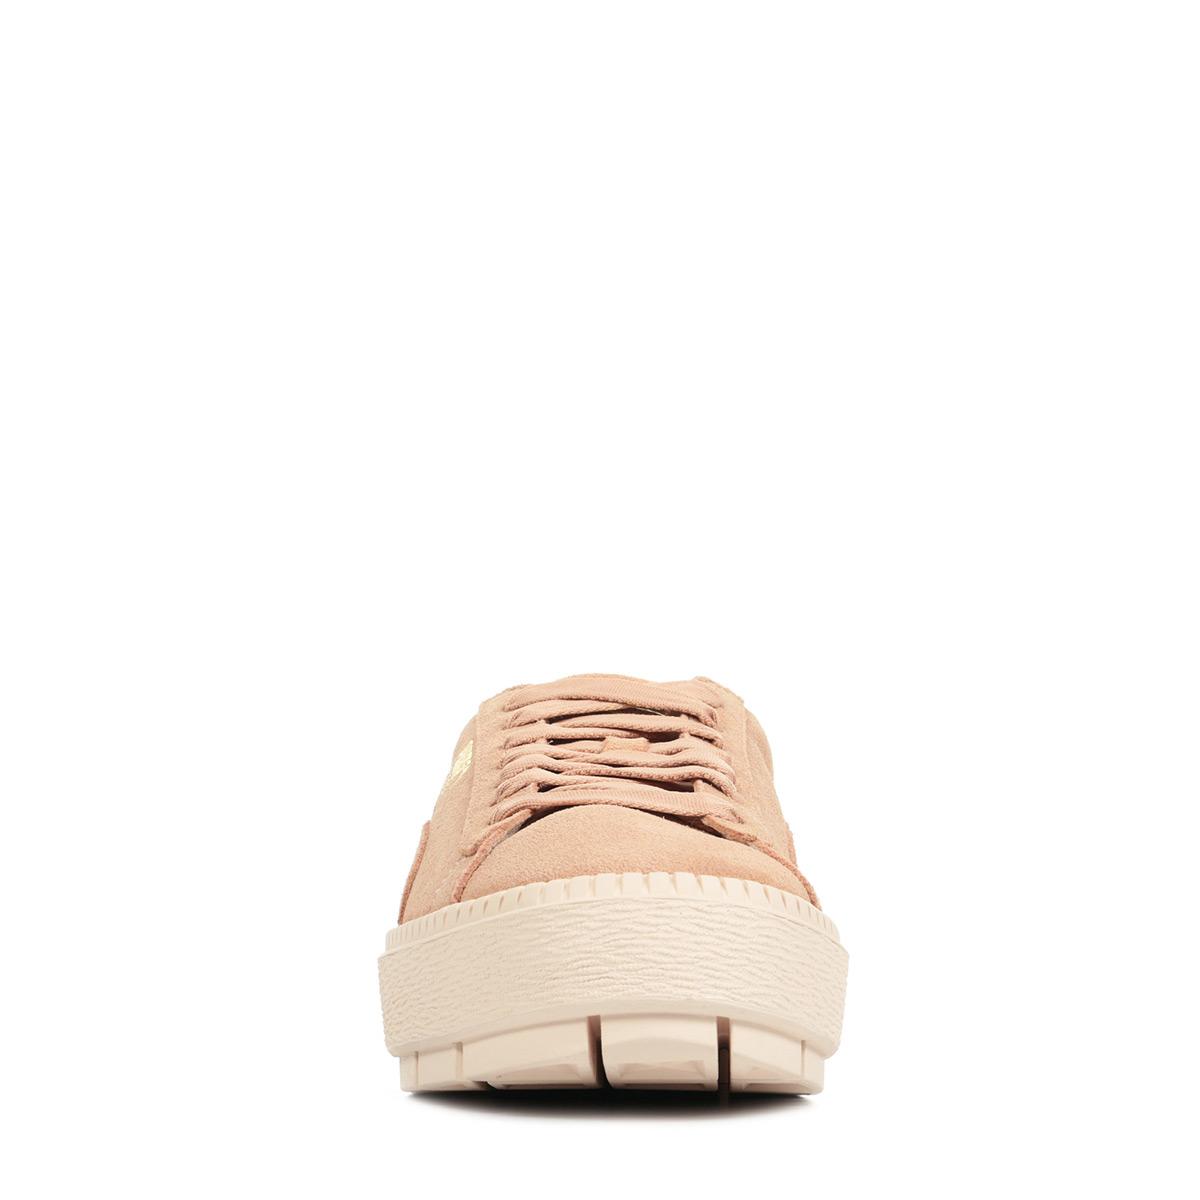 Puma Suede Platform Trace W's 36583005, Baskets mode femme